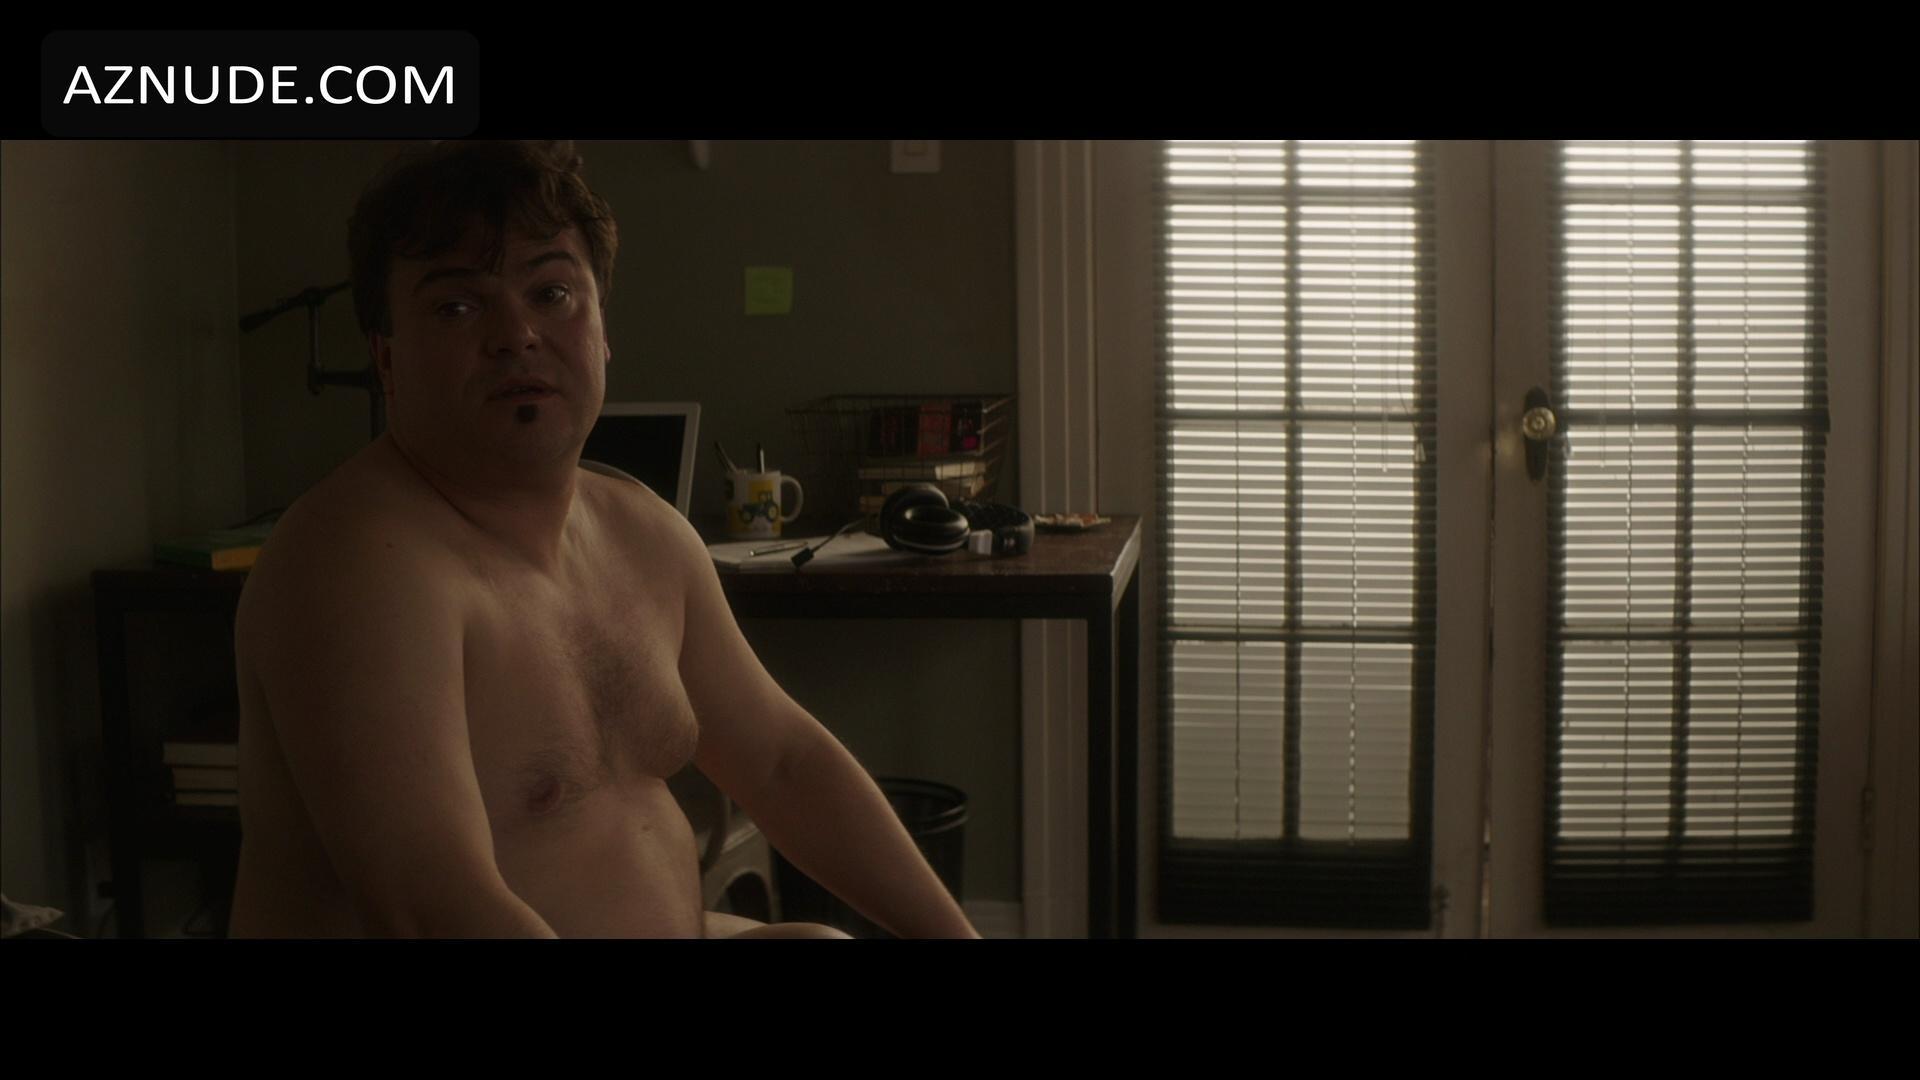 nude jack black having sex